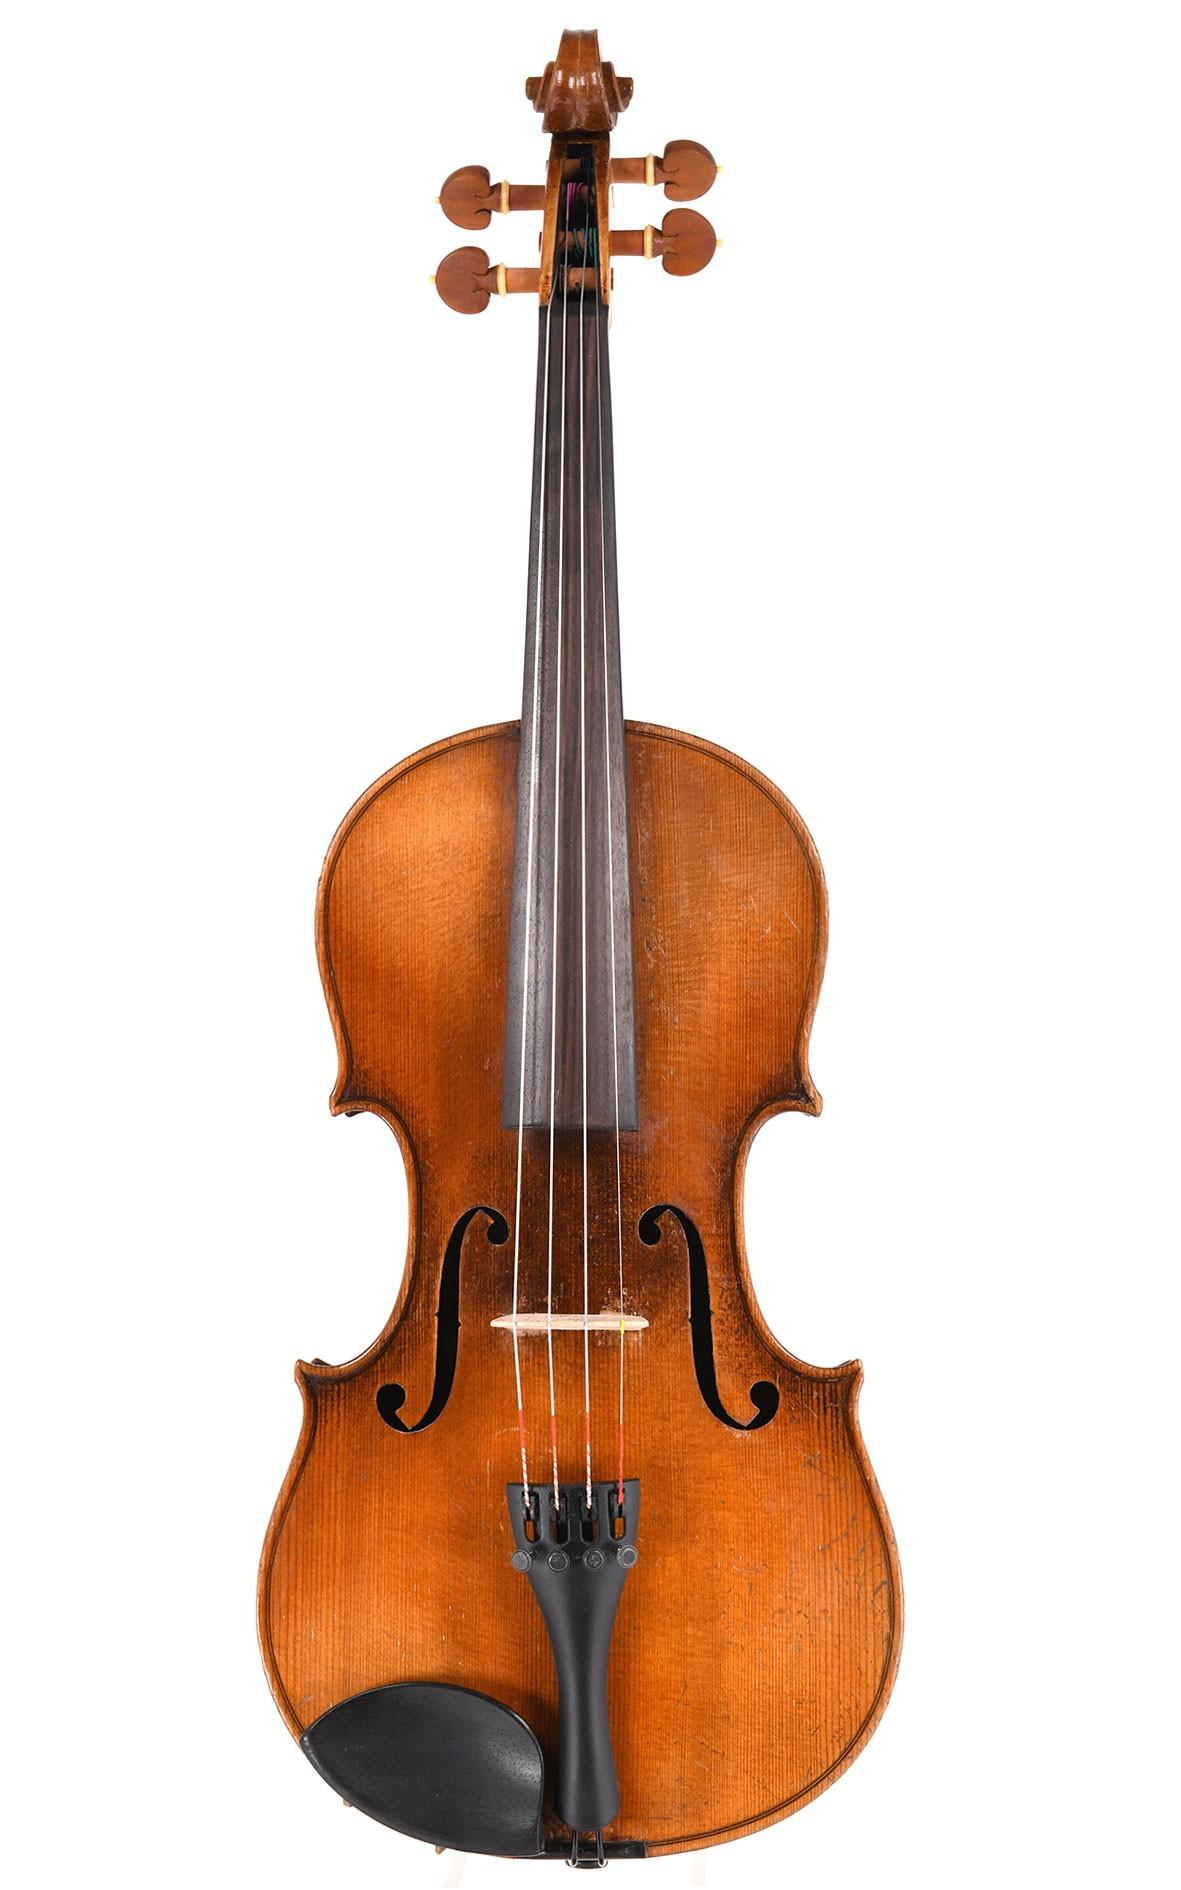 Violon saxon d'après Antonio Stradivarius